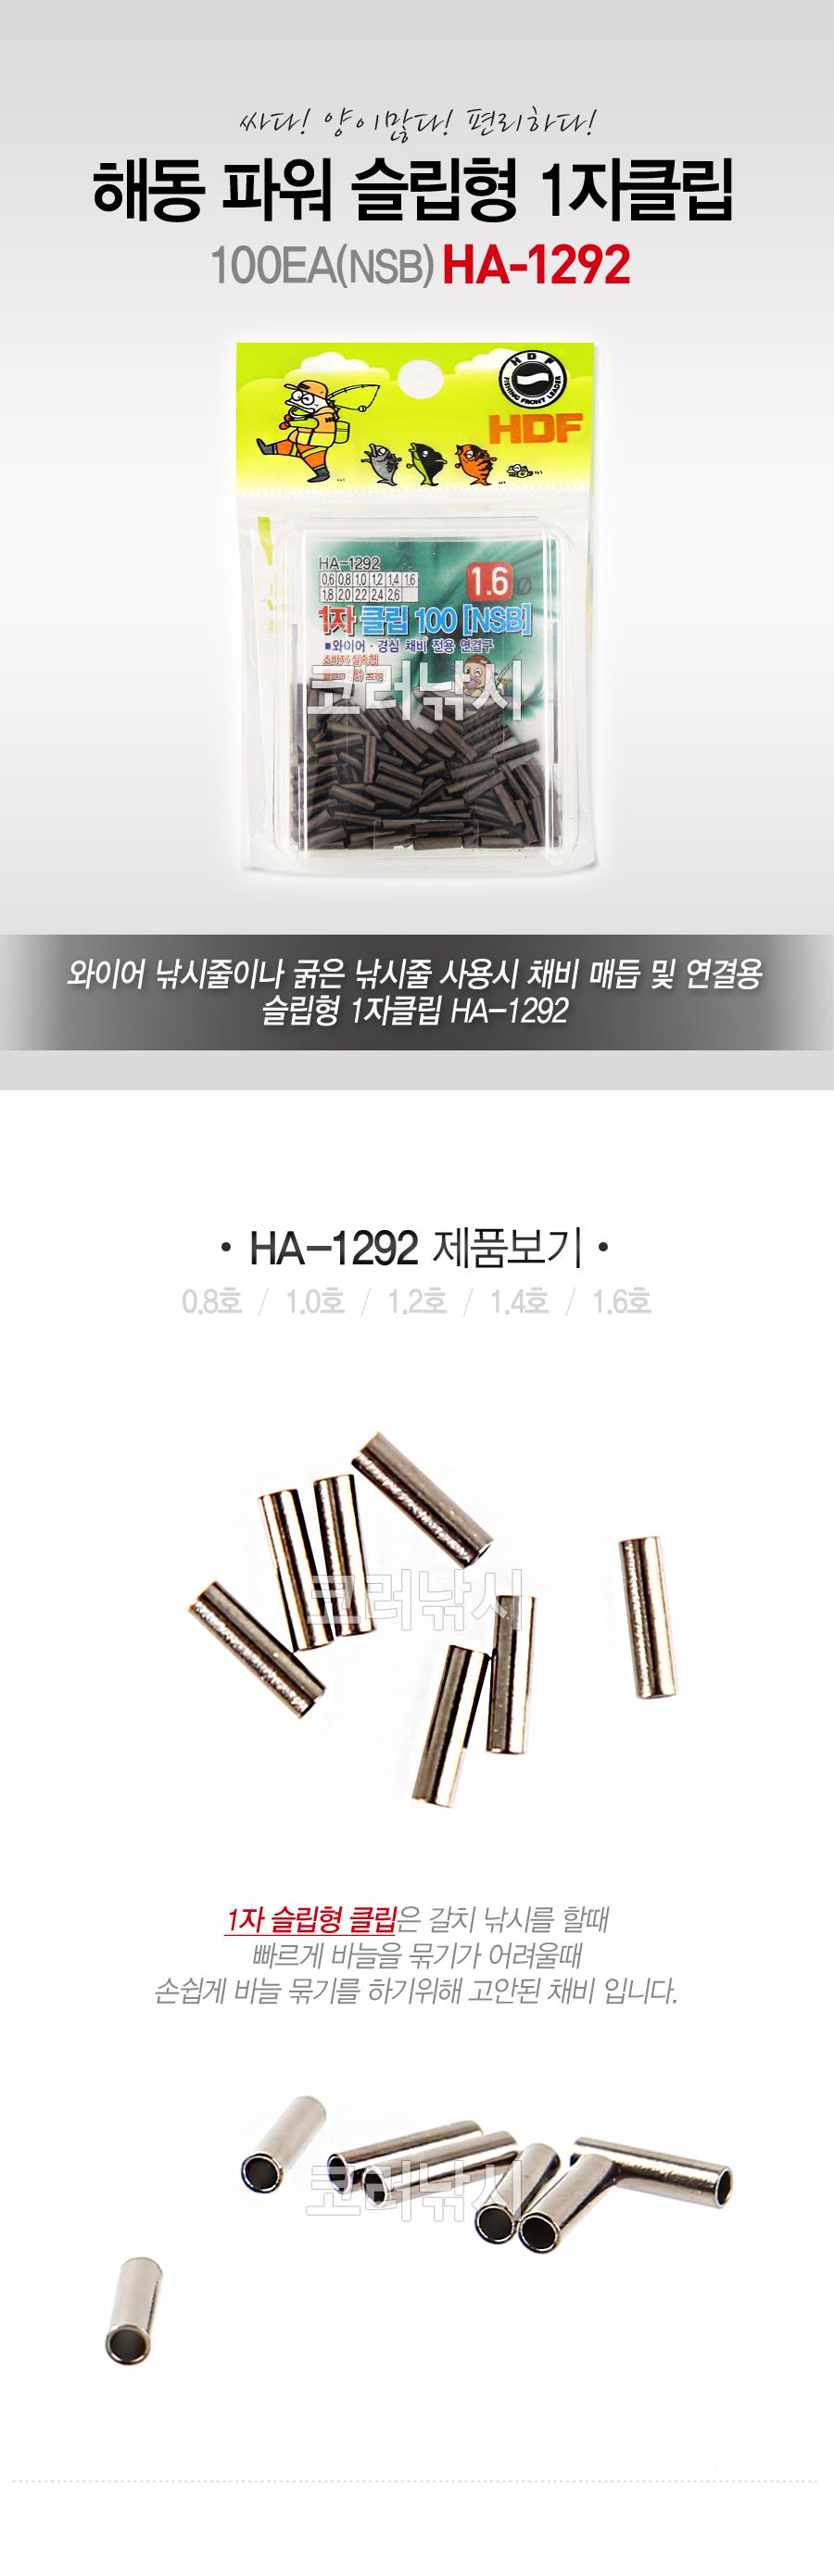 해동 파워 슬립형 1자클립100EA(NSB) HA-1292 슬리브 1자슬리브 1자클립 외슬리브 1자